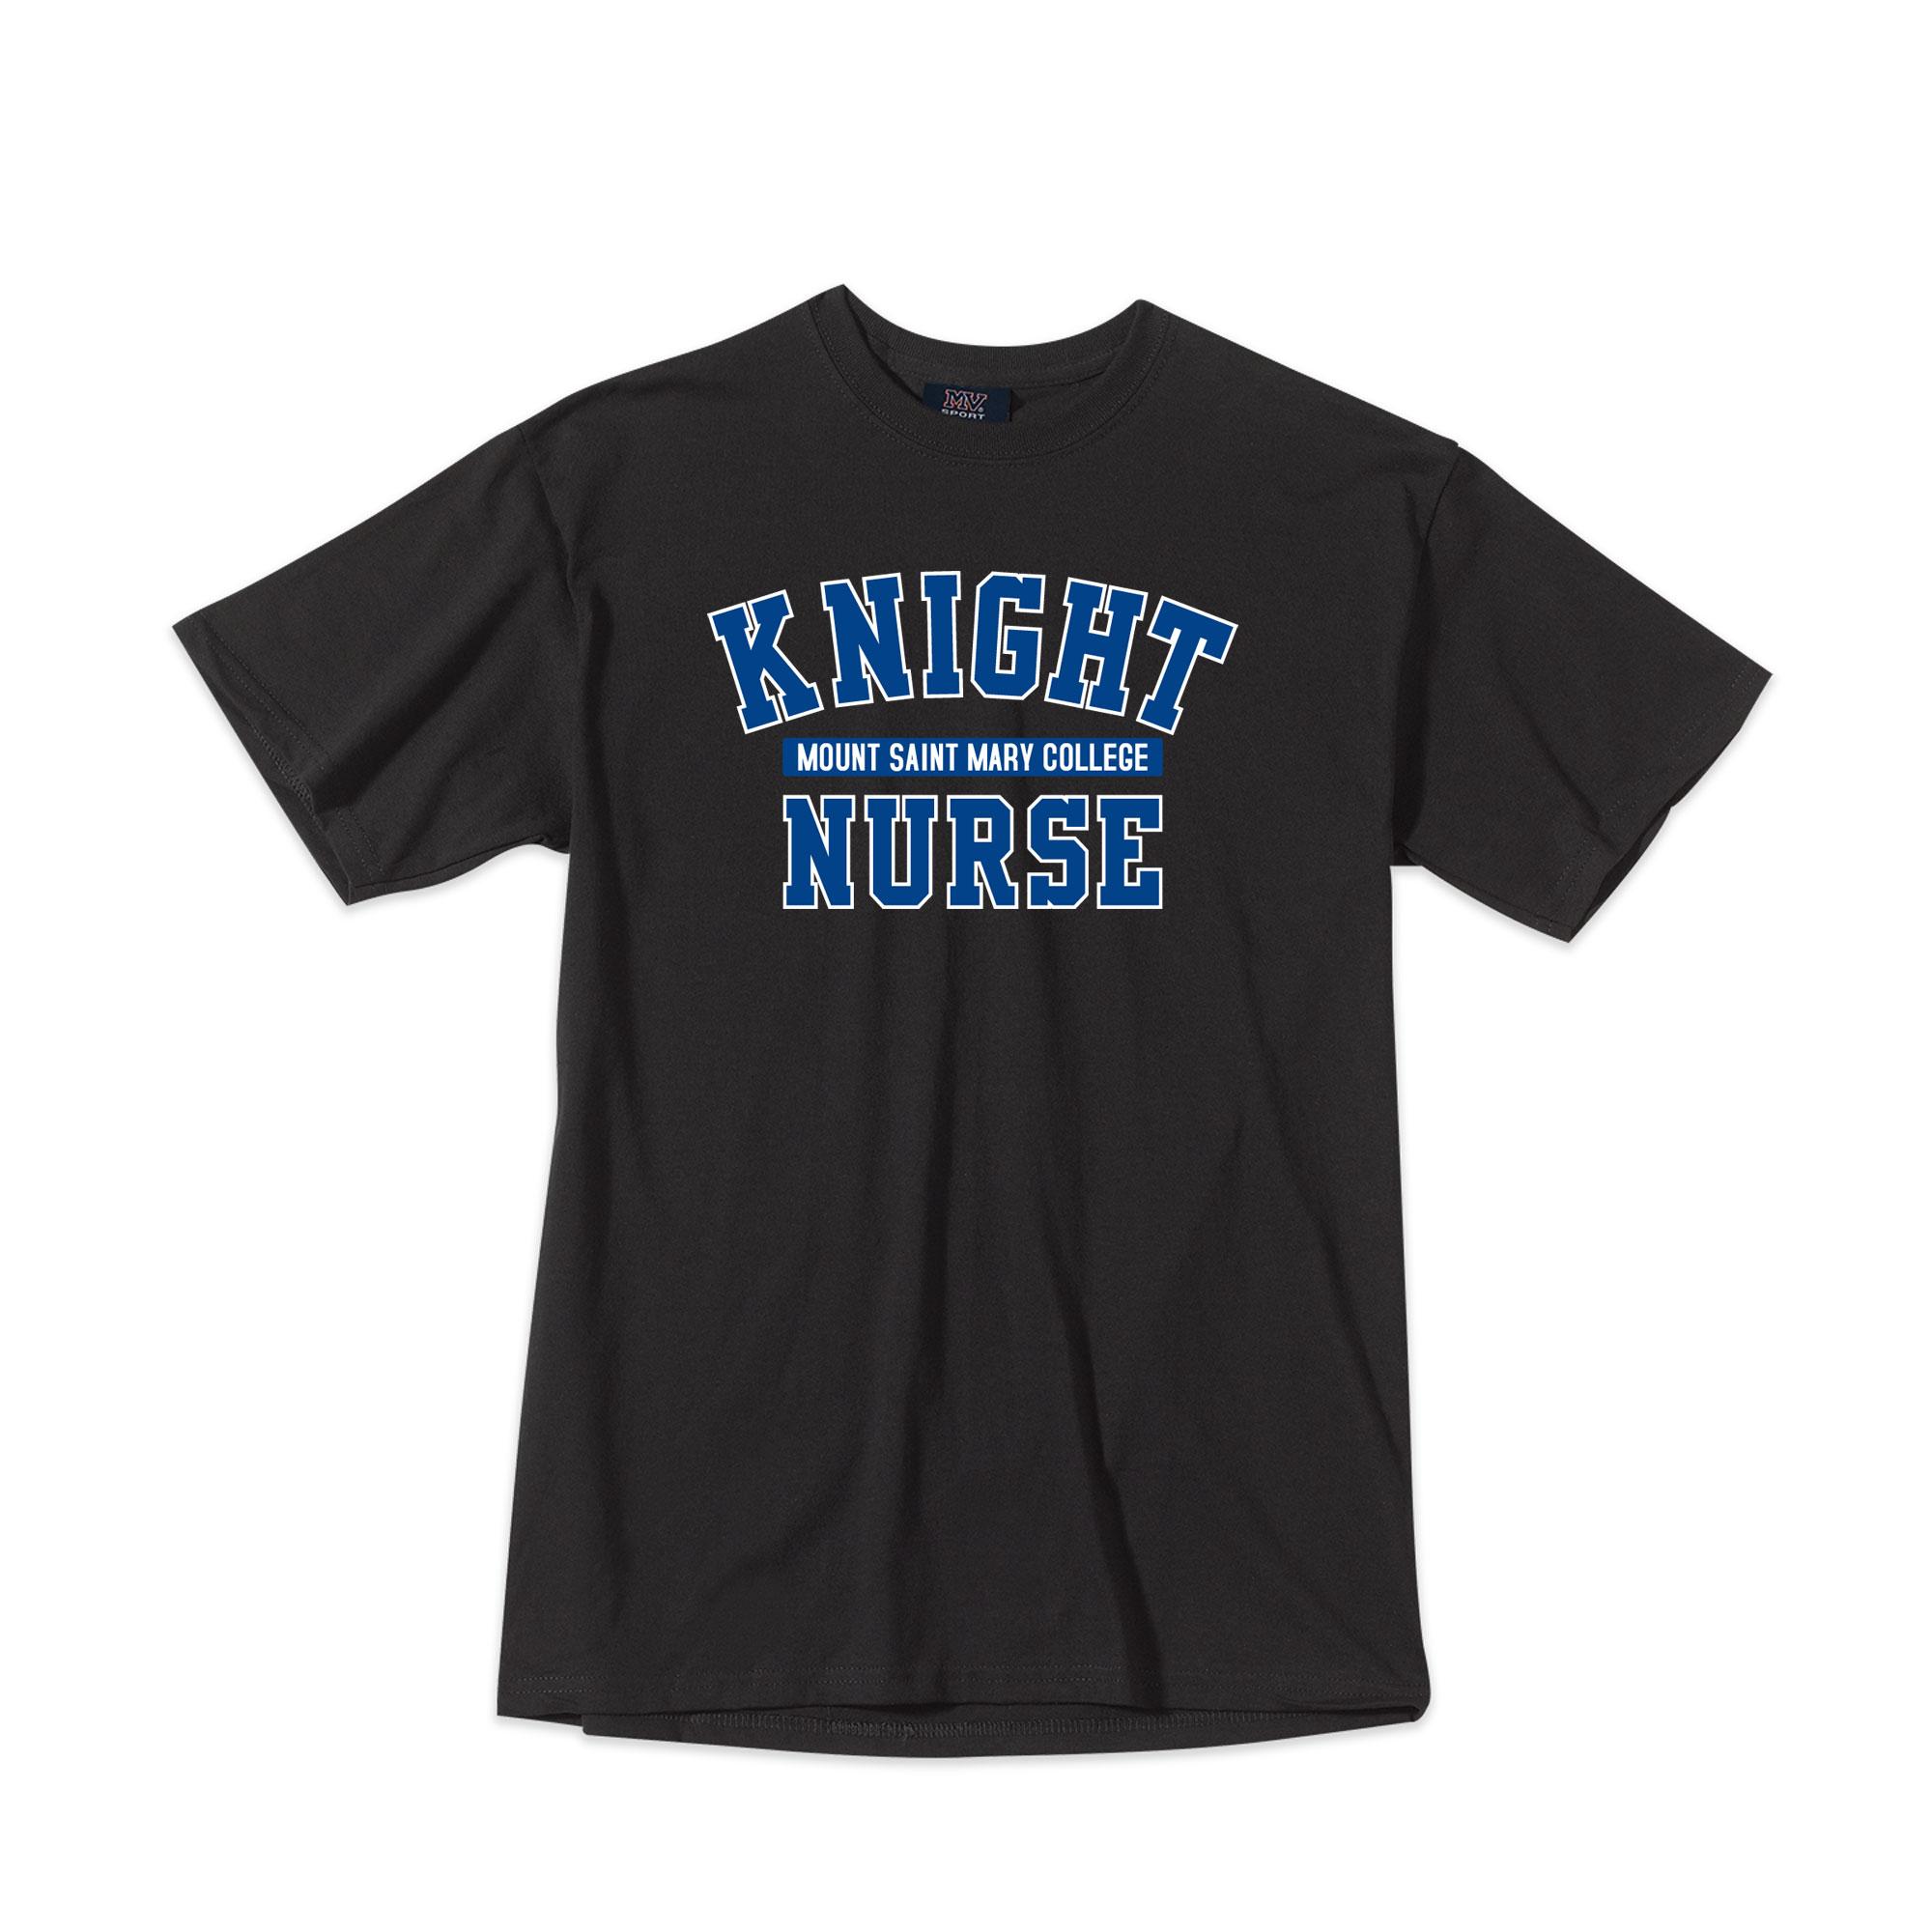 Knight Nurse Tee